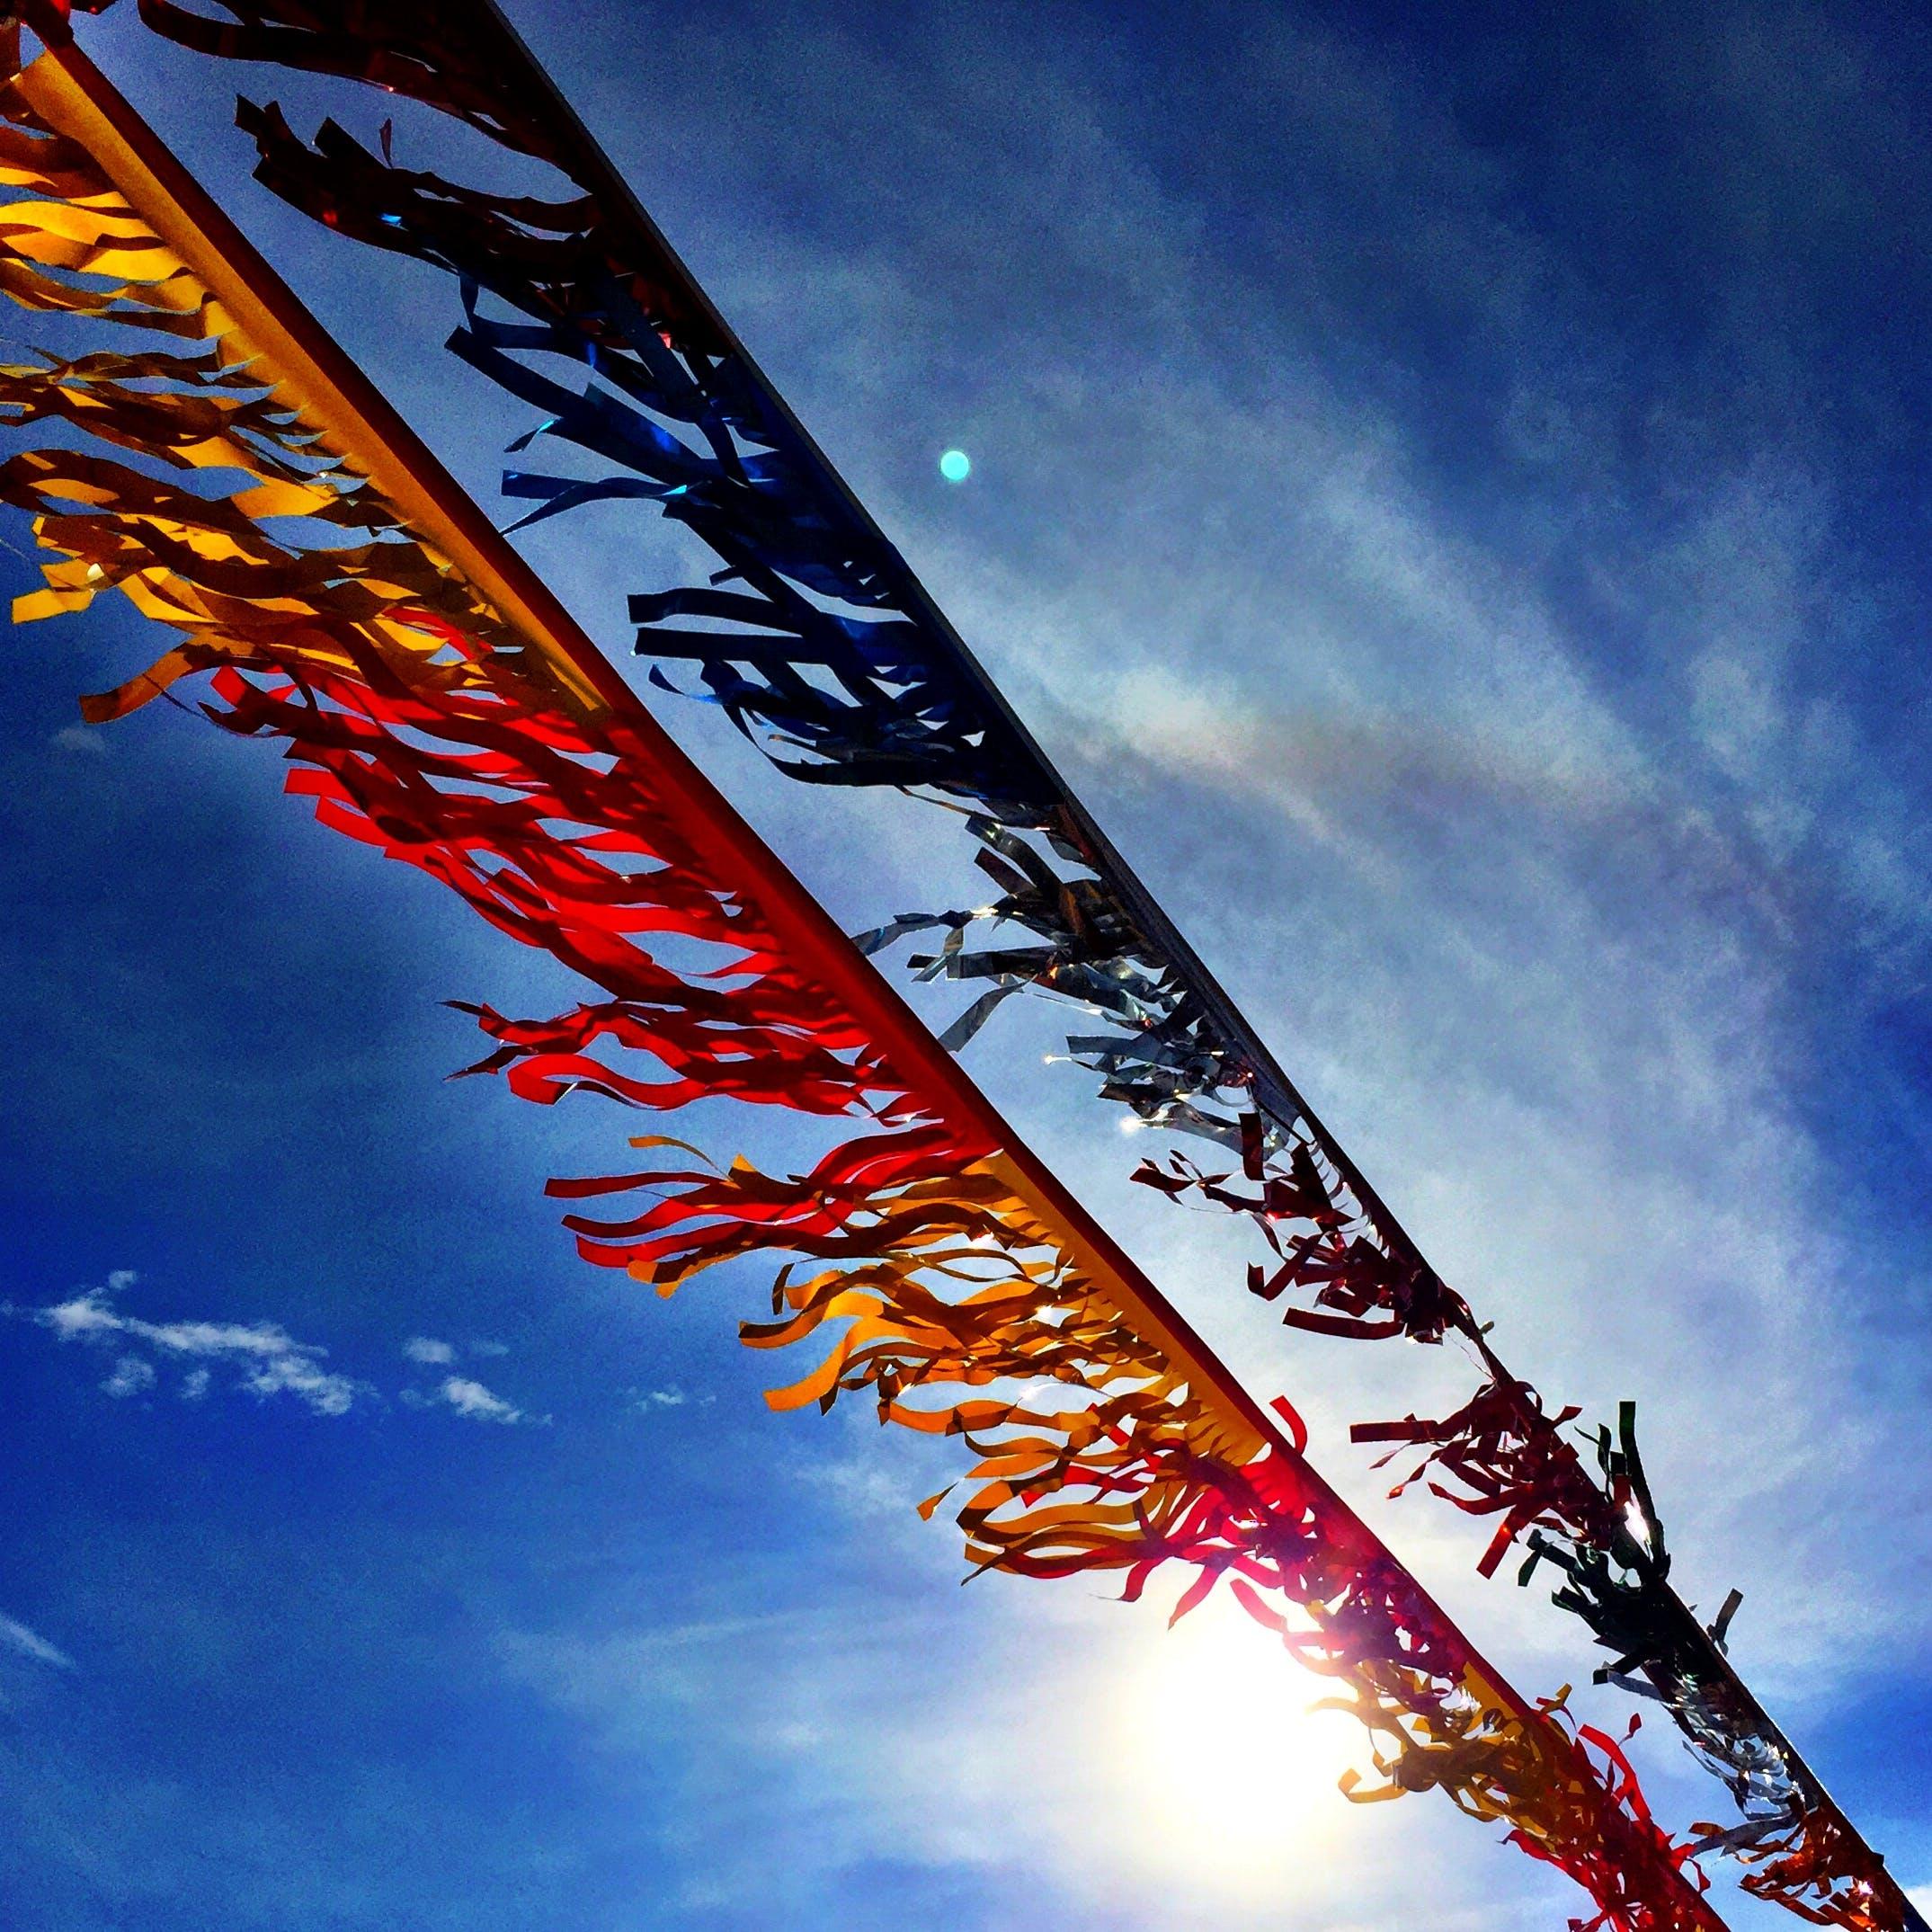 경치가 좋은, 구름, 깃발, 낮의 무료 스톡 사진